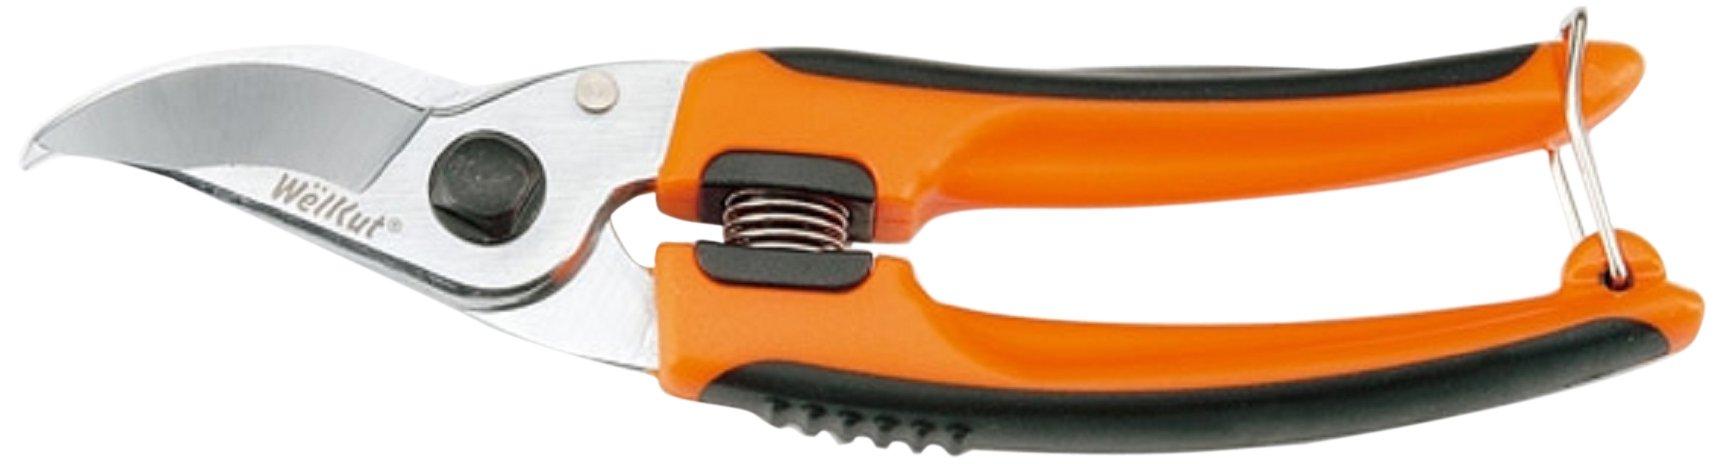 WelKut-Gartenschere-ergonomischer-Griff-HC855